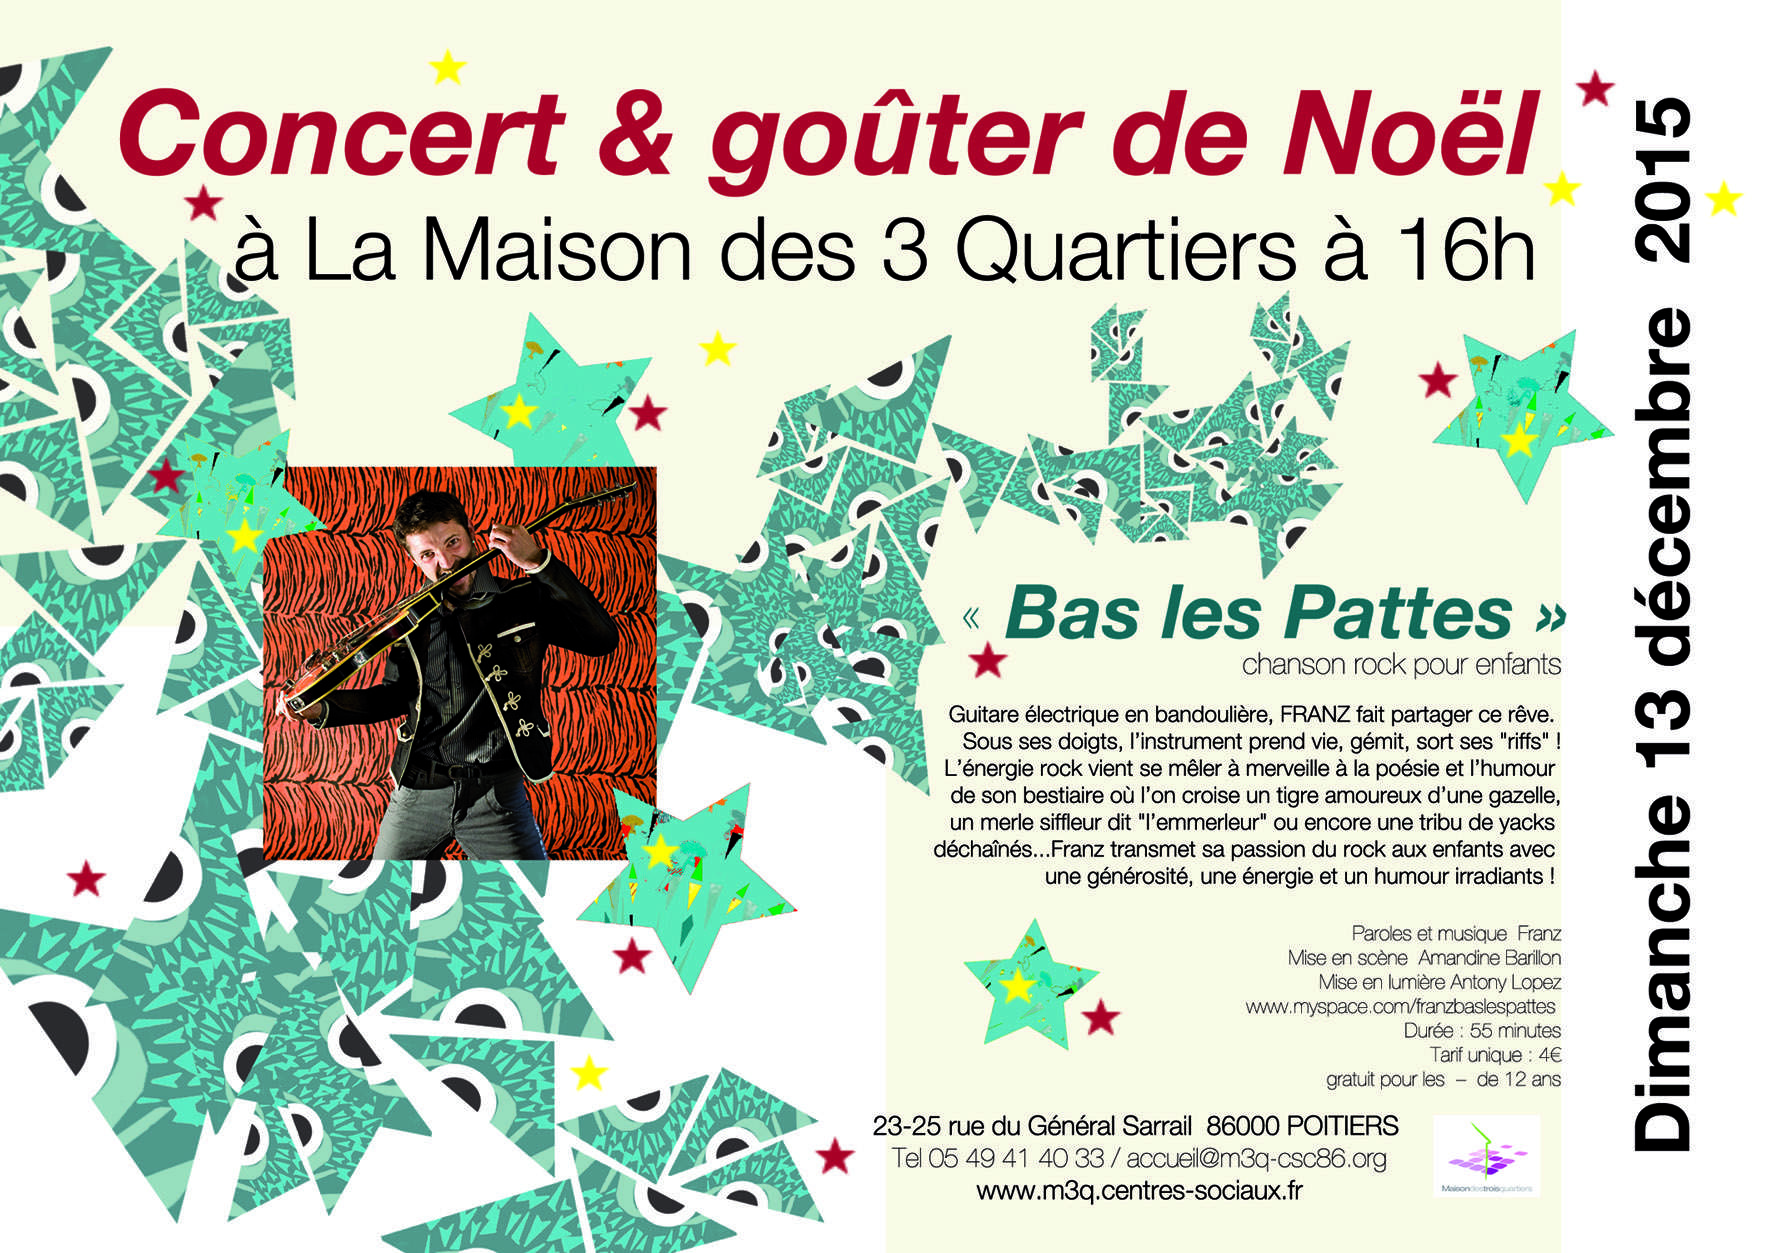 Dimanche 13 décembre à 16h / Concert de Noël